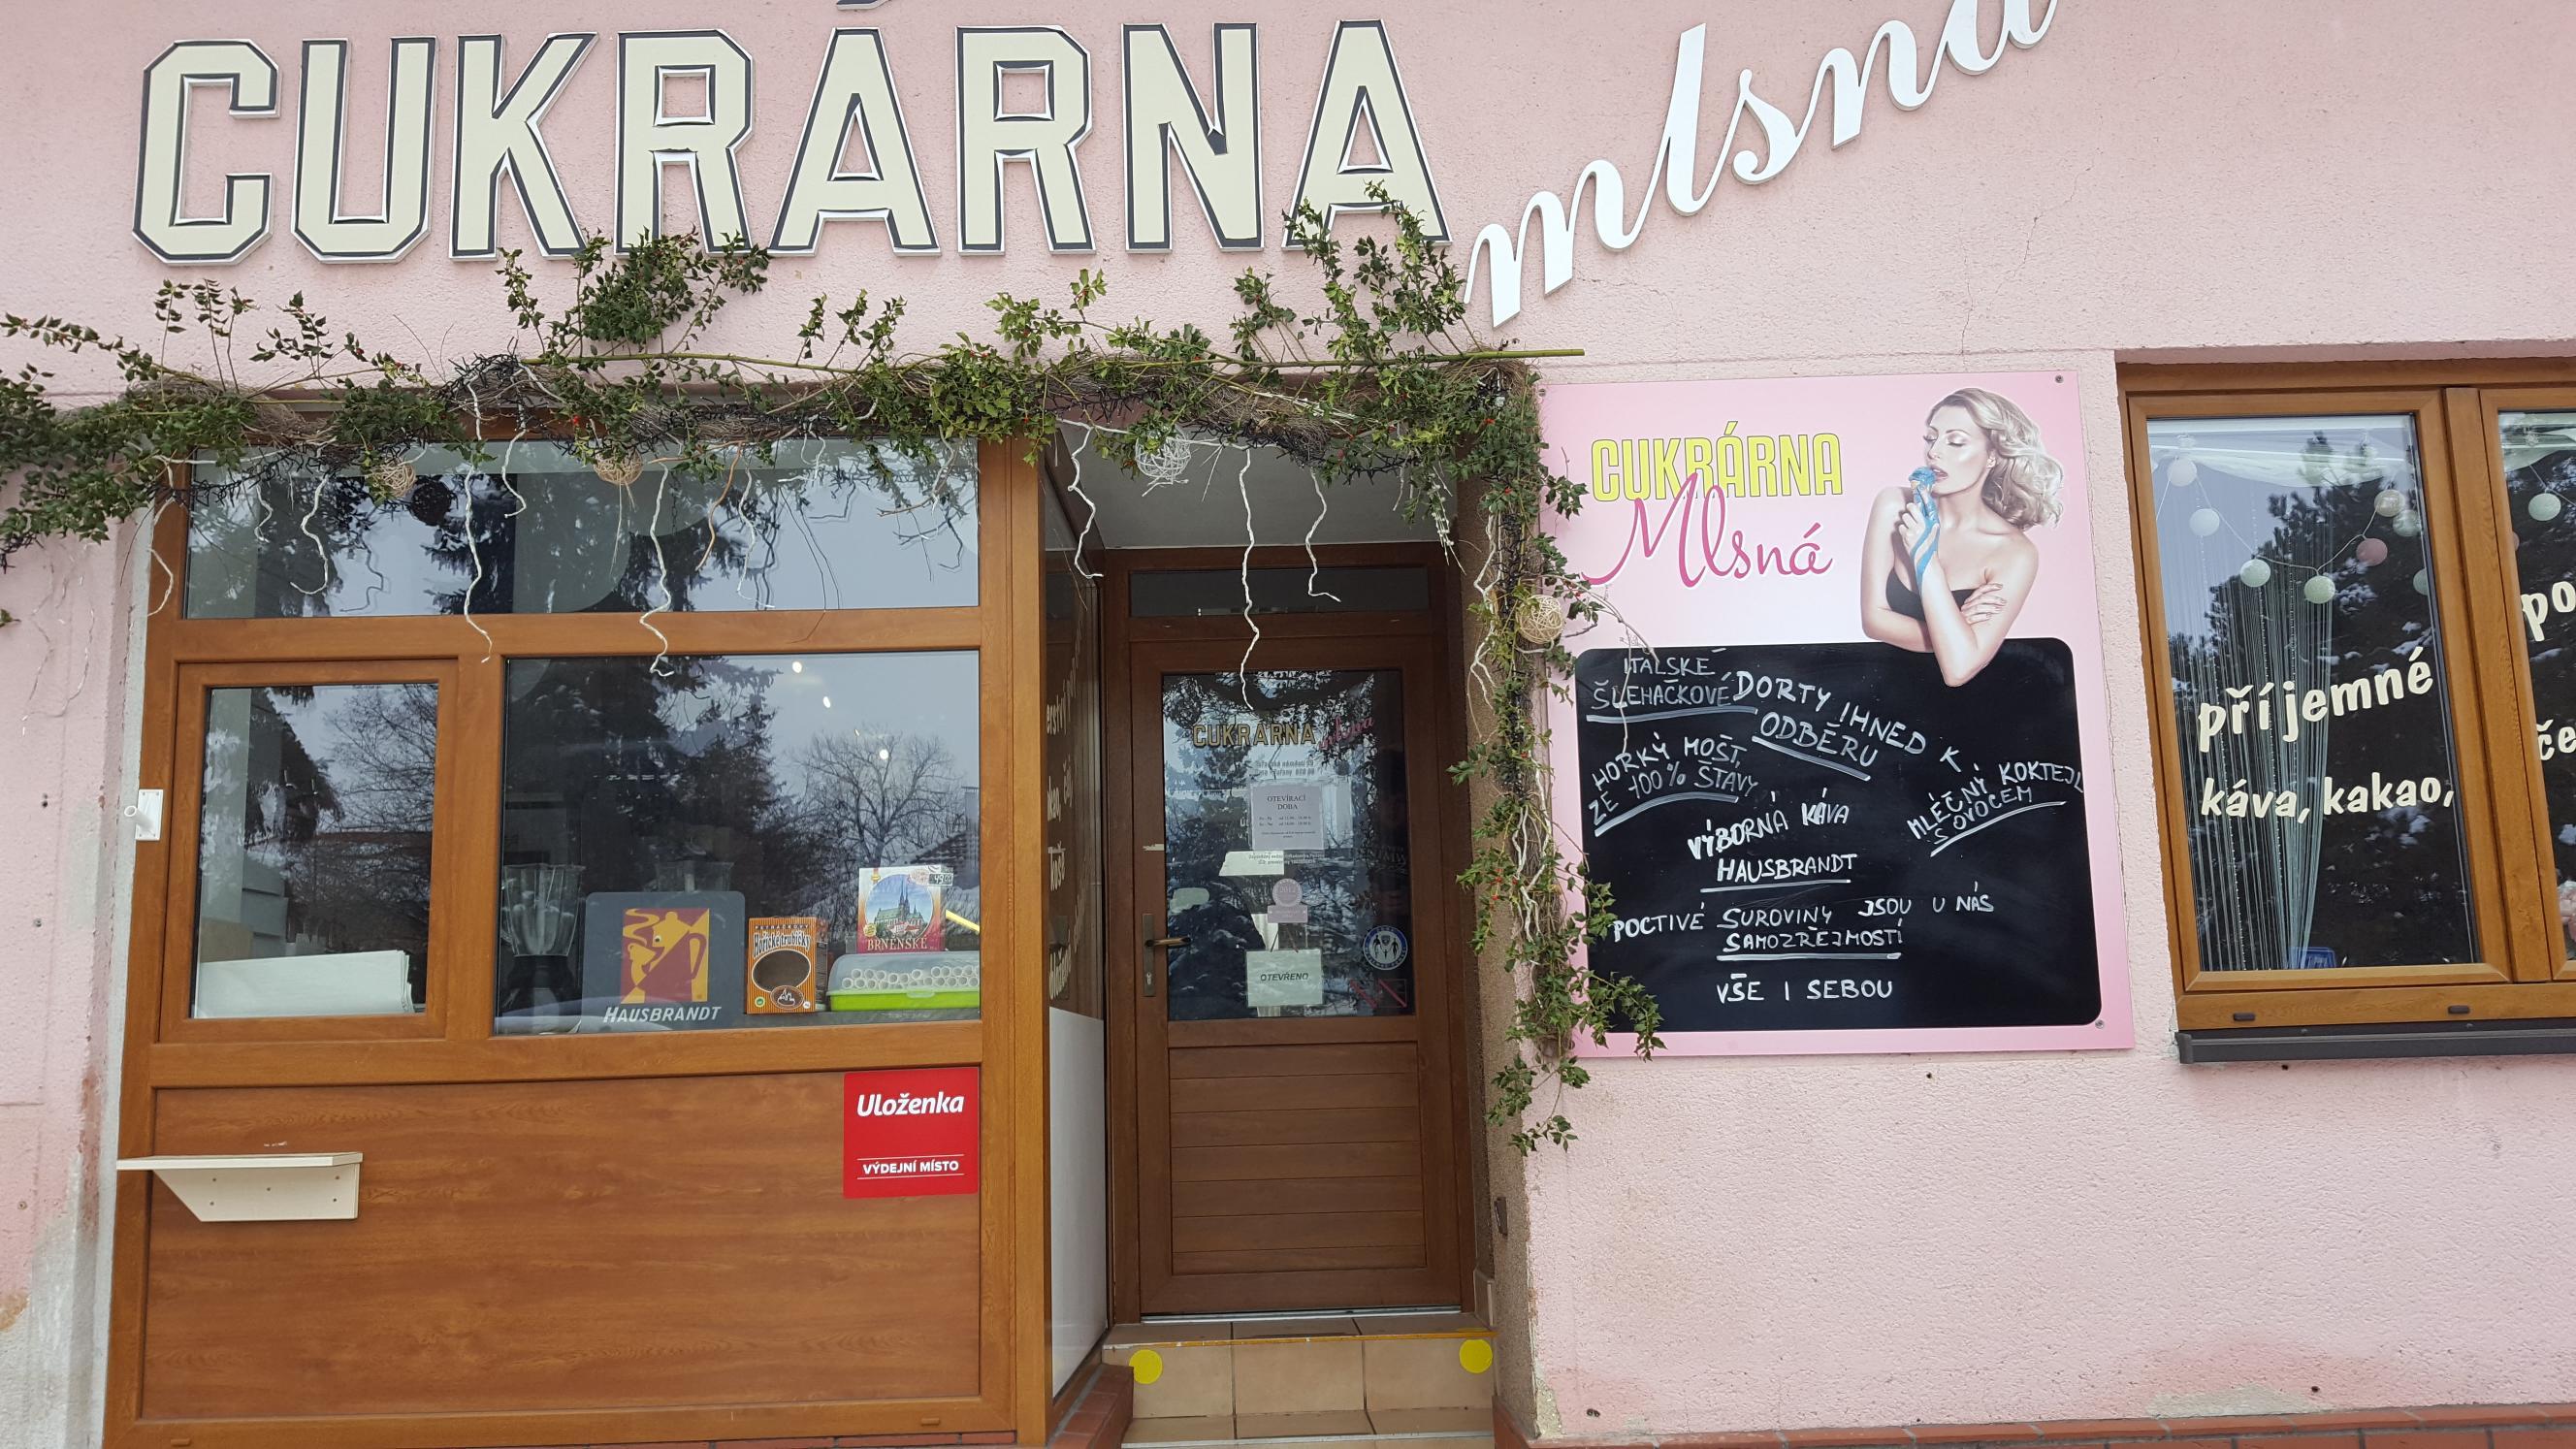 Pobočka Brno - Tuřany, Tuřanské náměstí 29 (Cukrárna Mlsná)